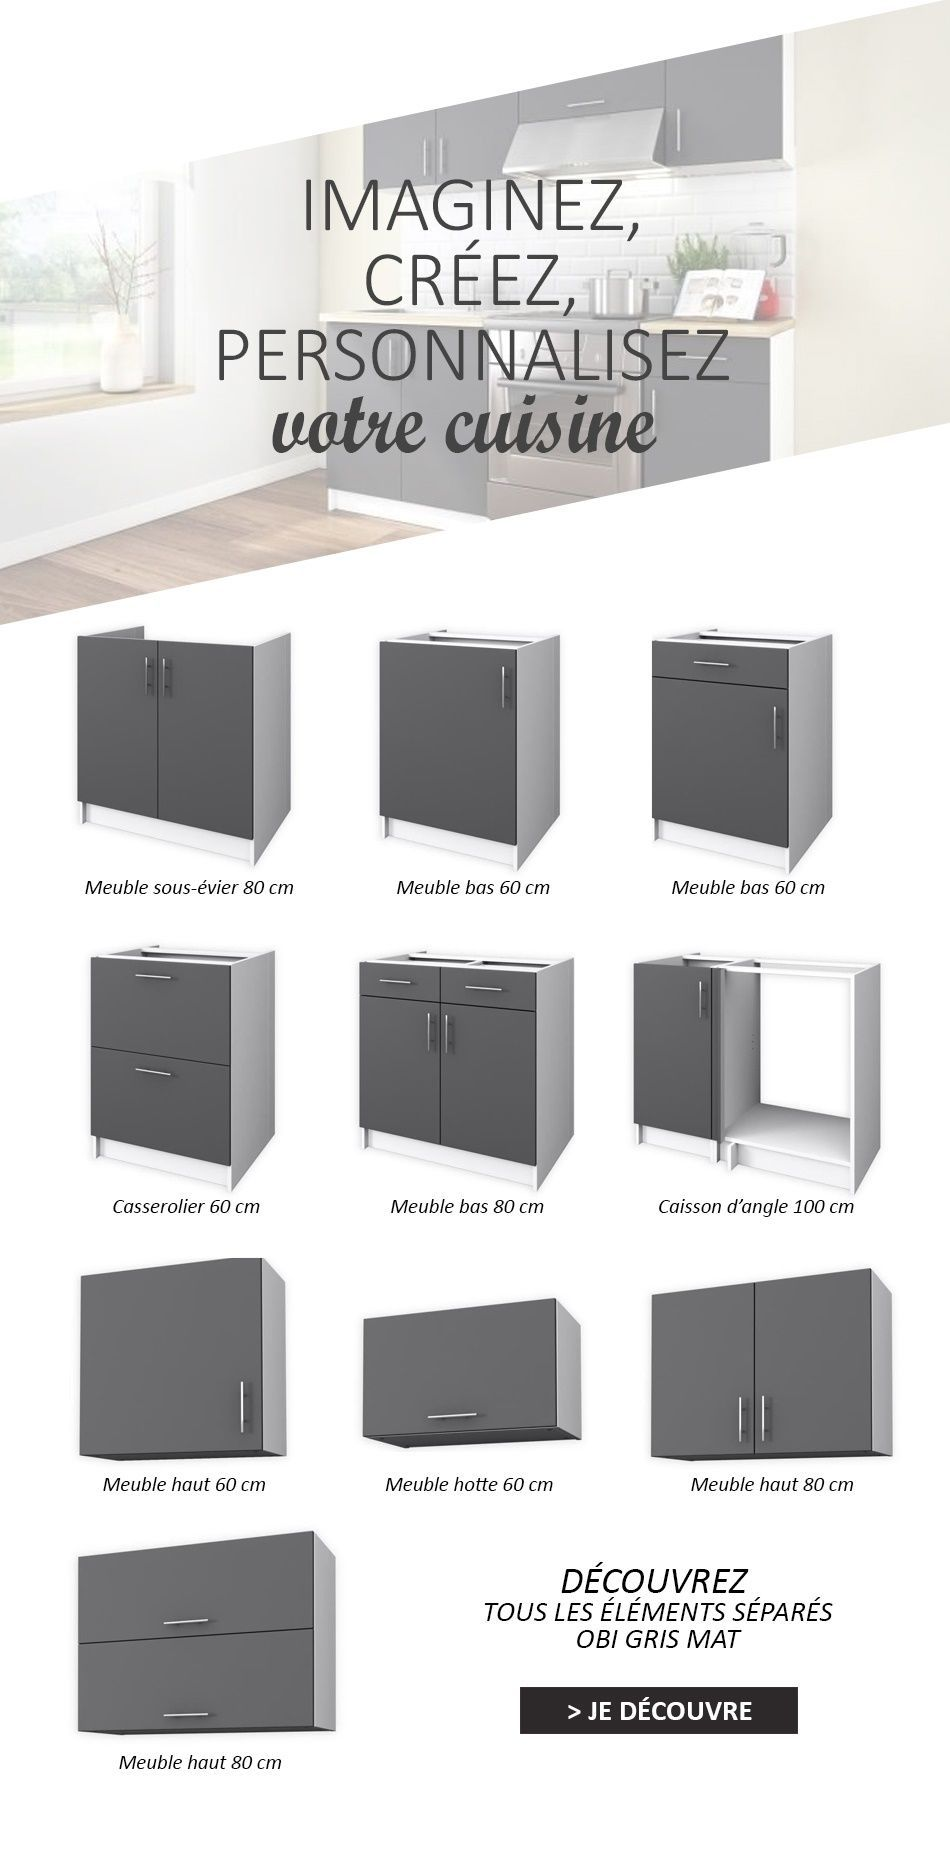 obi meuble bas de cuisine l 60 cm - gris mat - achat / vente ... - Meuble Cuisine 60 Cm